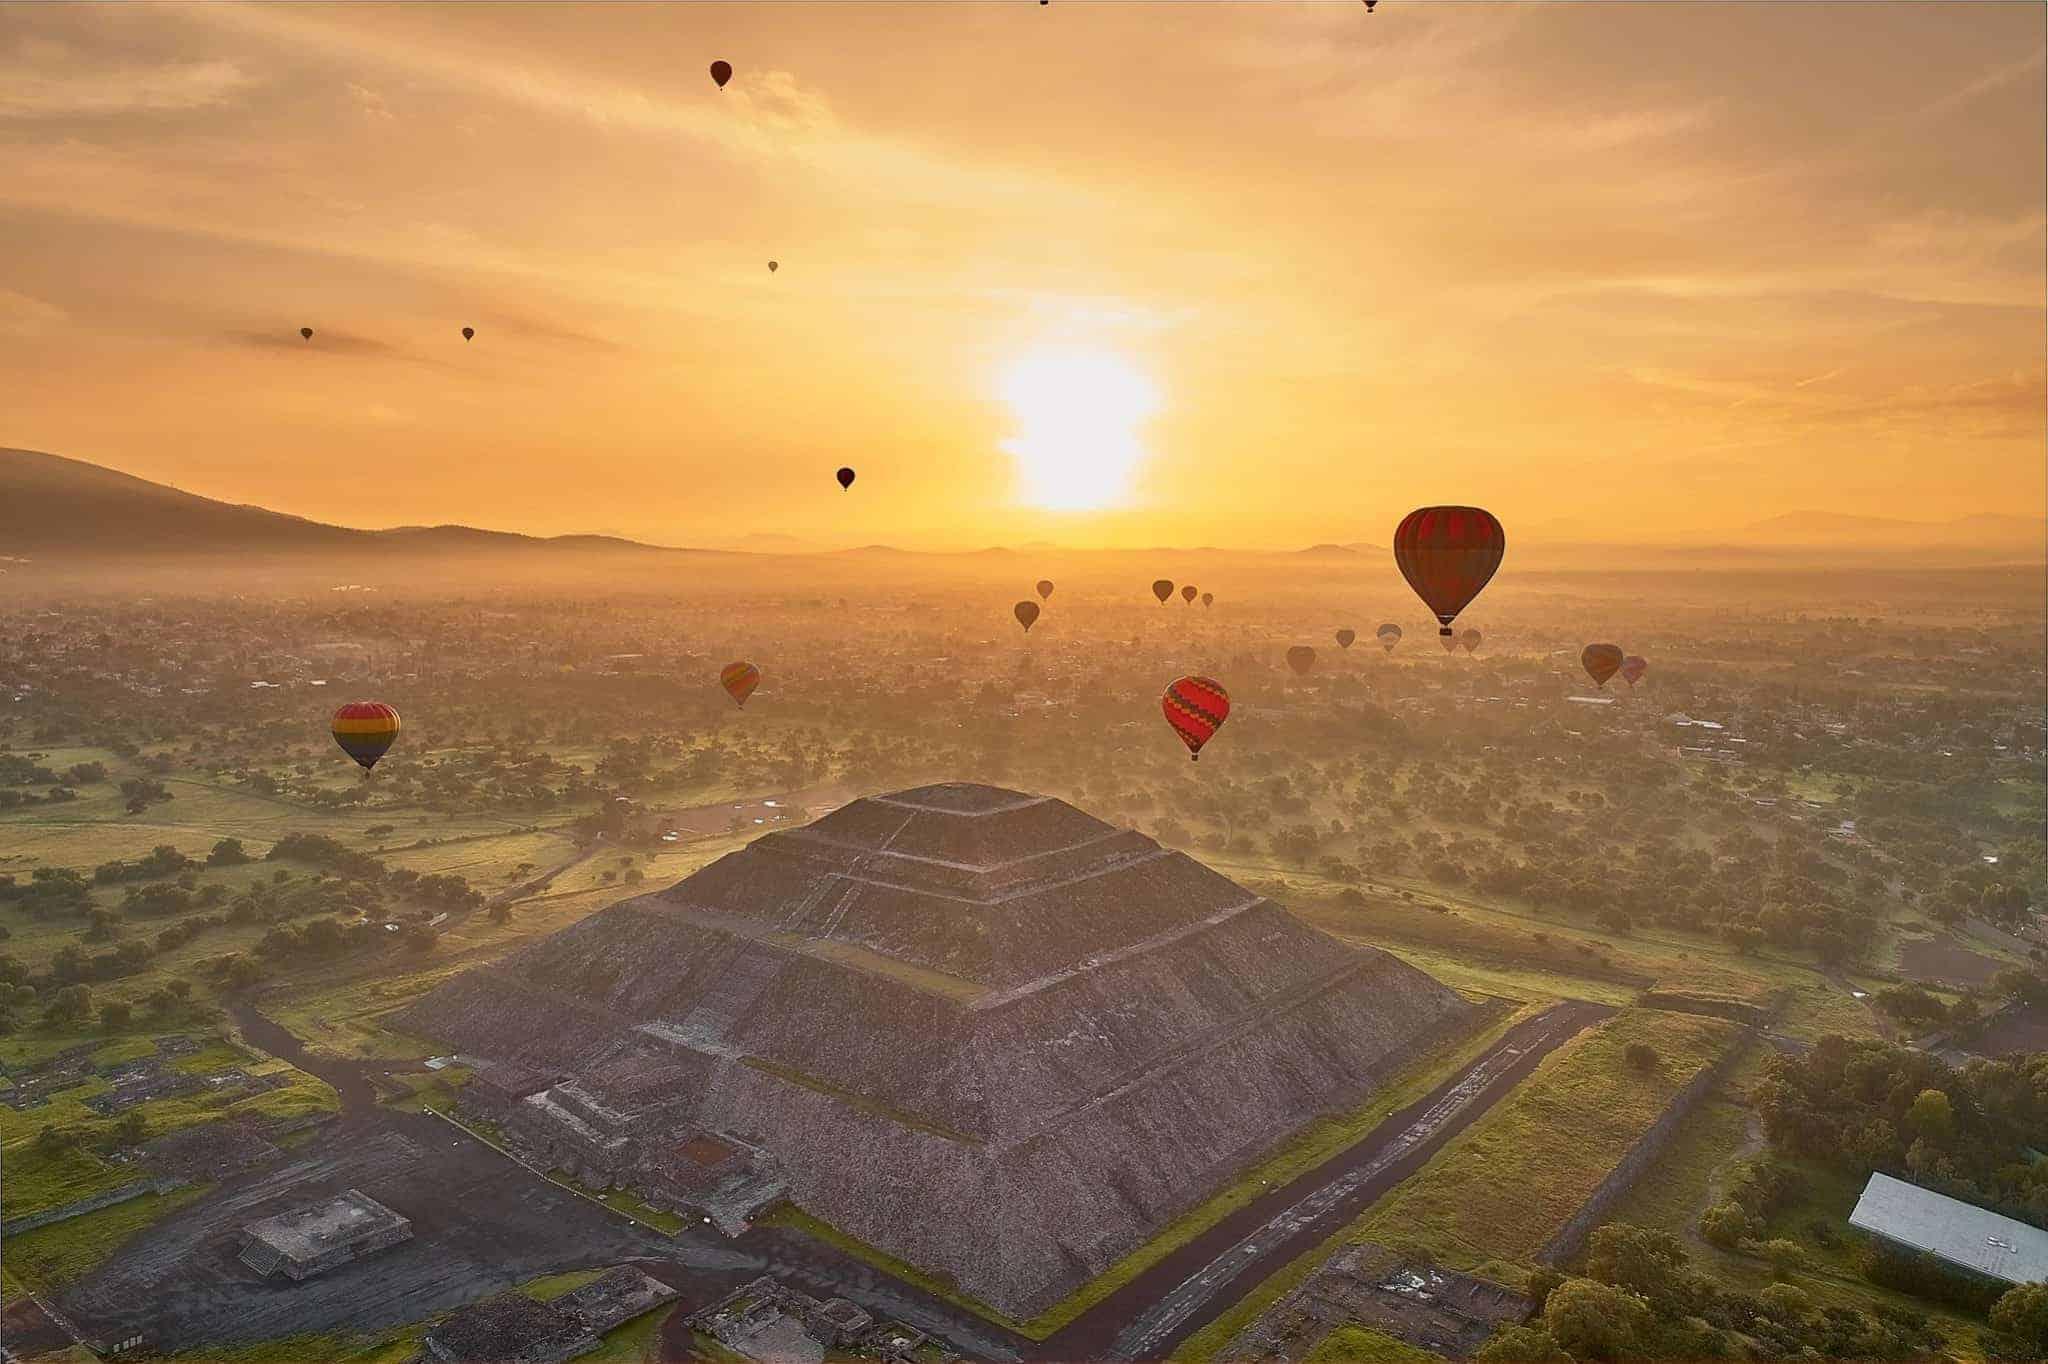 globos aerostáticos en Teotihuacán 2020